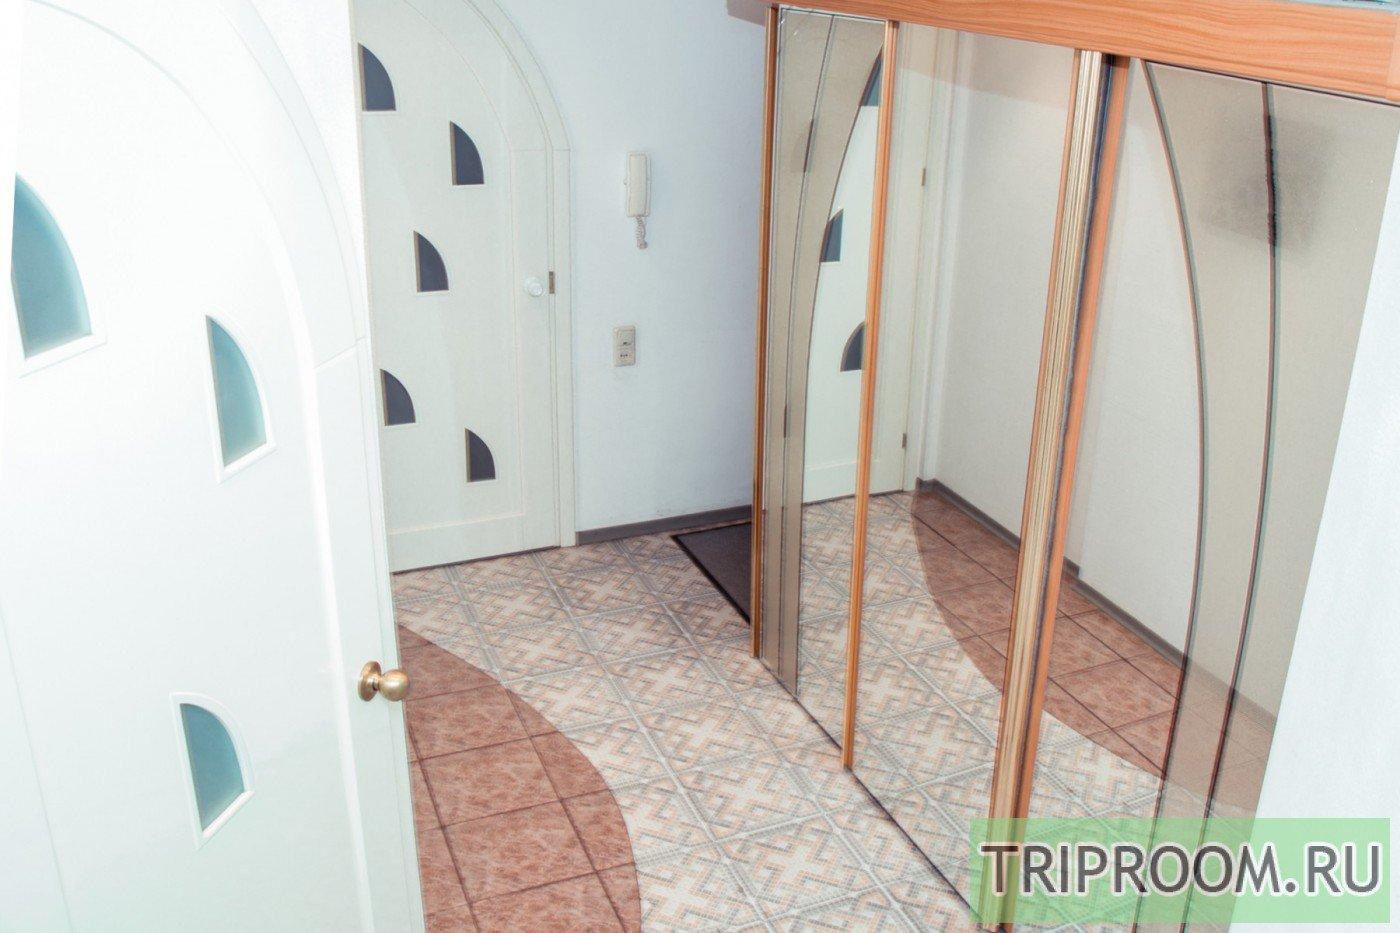 2-комнатная квартира посуточно (вариант № 36726), ул. Тимирязева, фото № 5